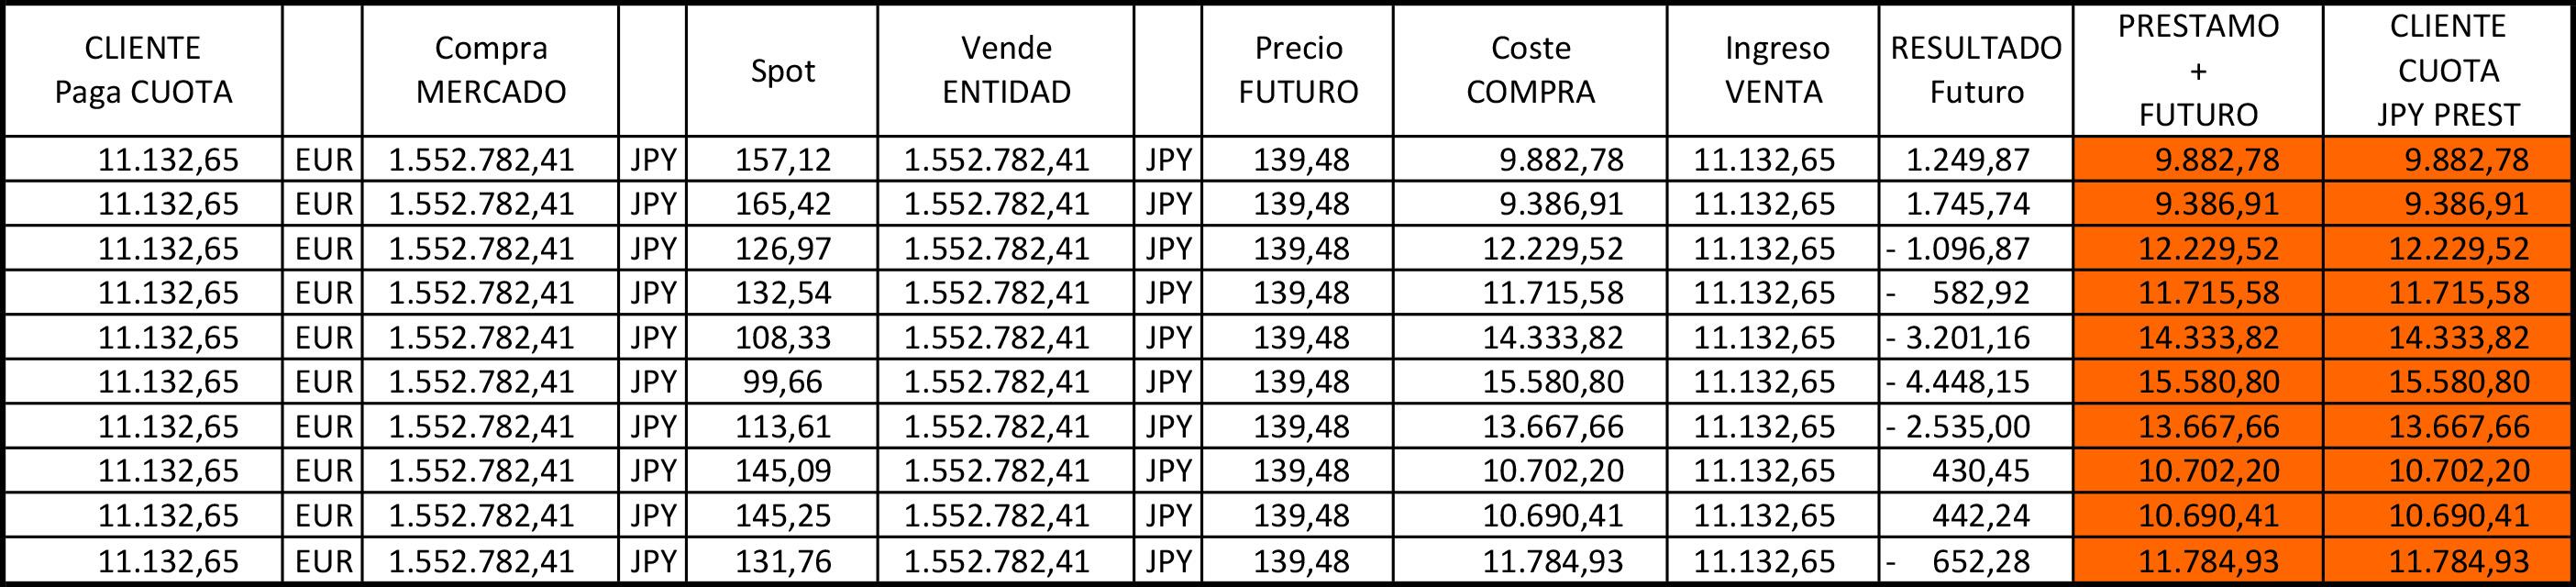 Beneficios o pérdidas derivados de la fluctuación del tipo de cambio en el pago de las cuotas